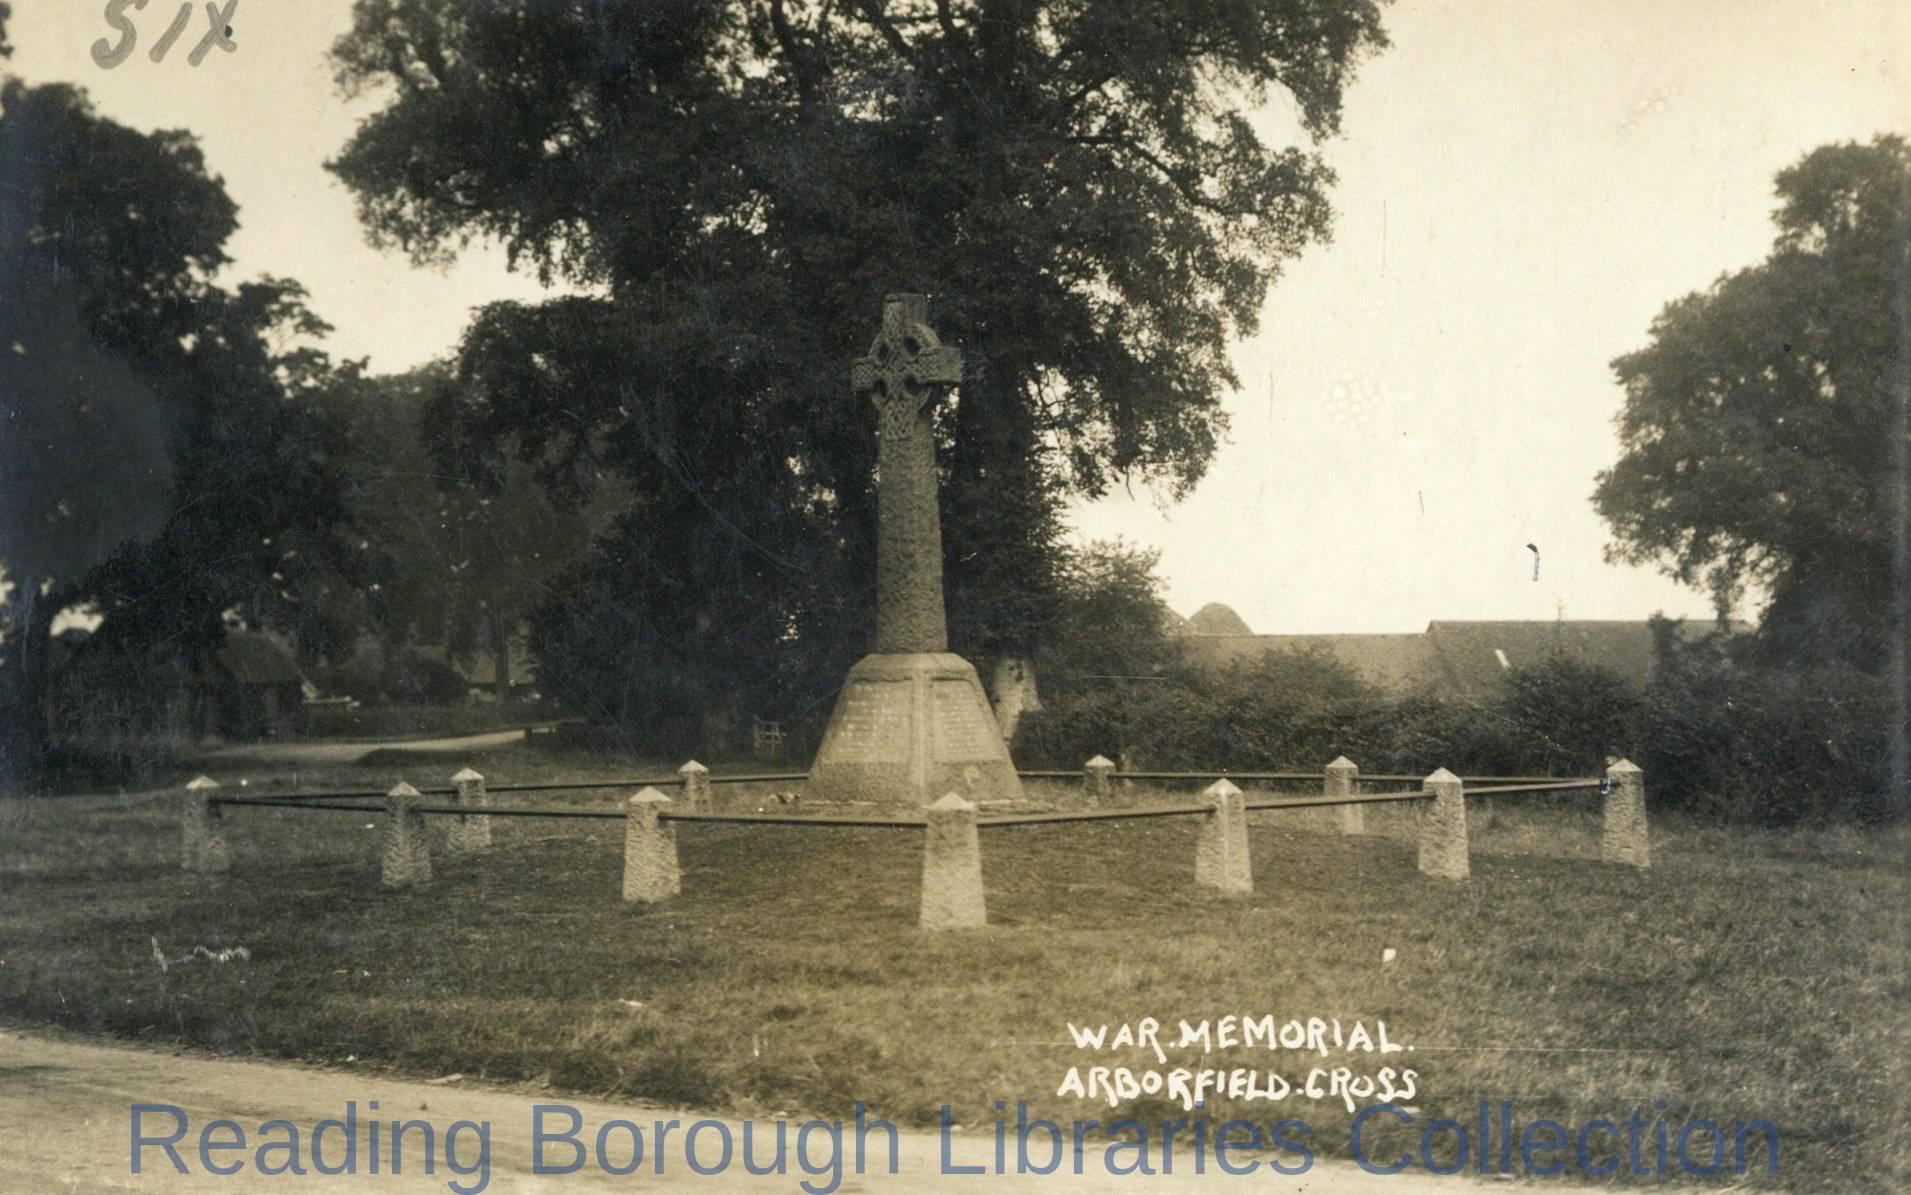 War memorial at Arborfield Cross, 1930.